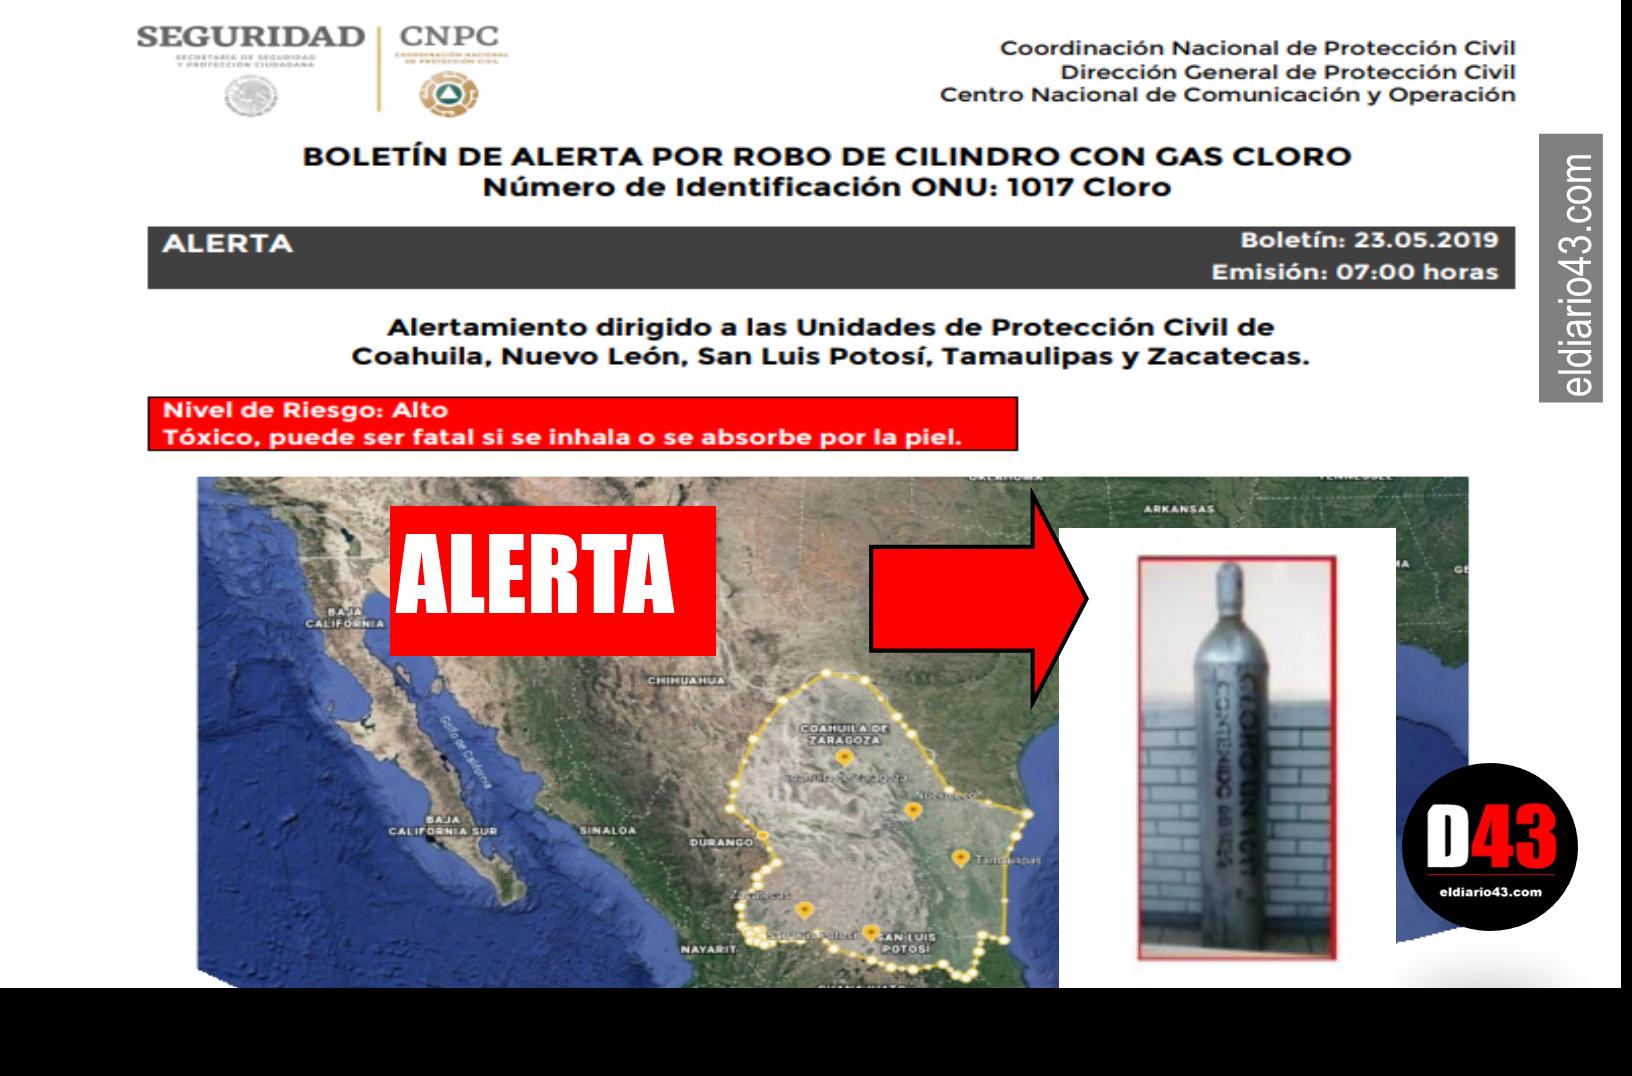 Alertan por robo de cilindro con gas tóxico en Nuevo León